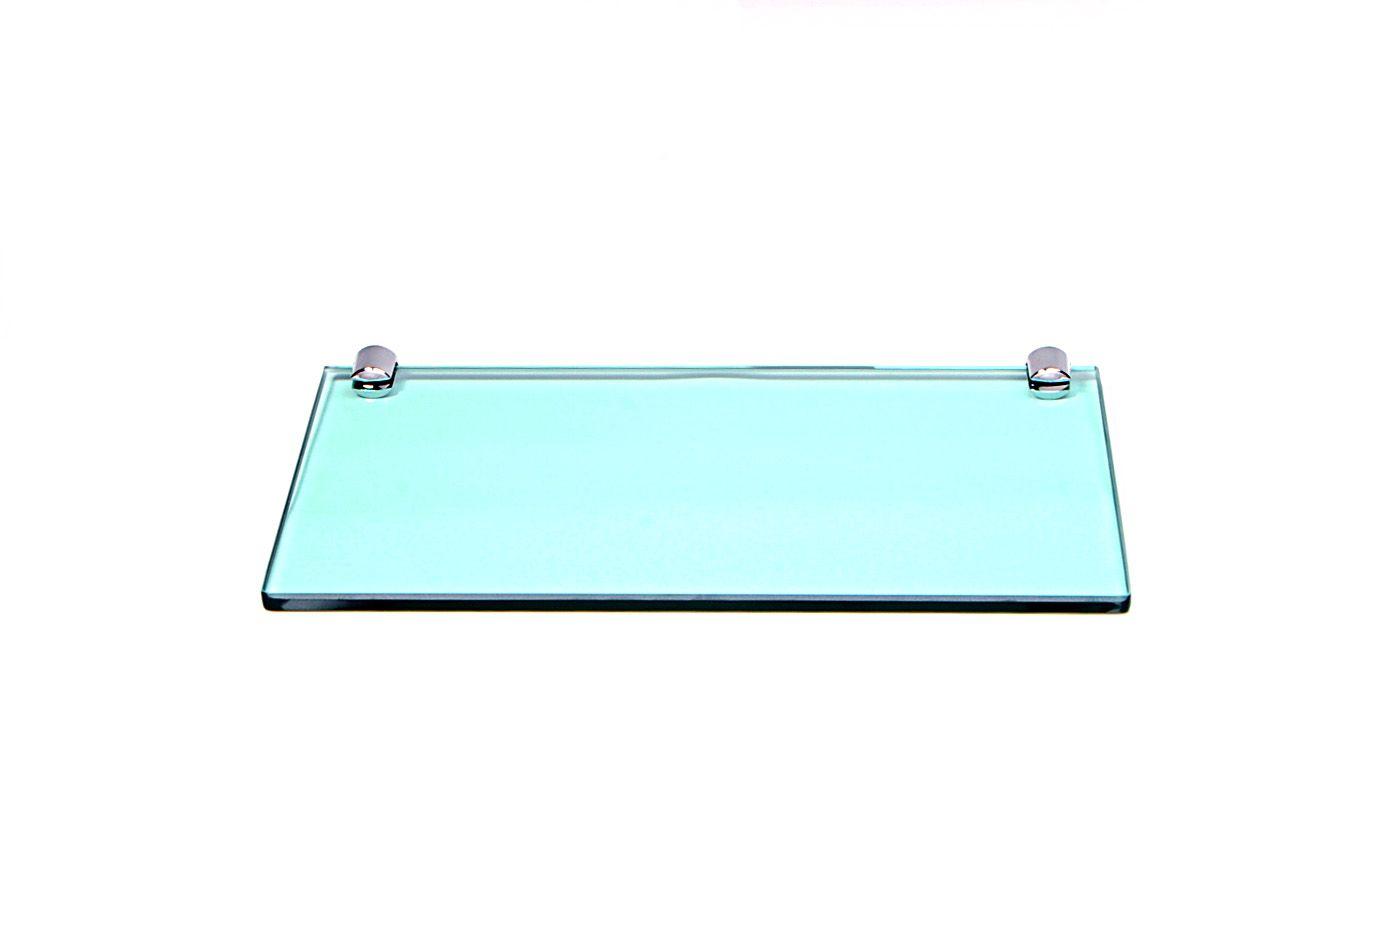 Porta Shampoo Reto em Vidro Verde Lapidado - Aquabox  - 30cmx14cmx8mm